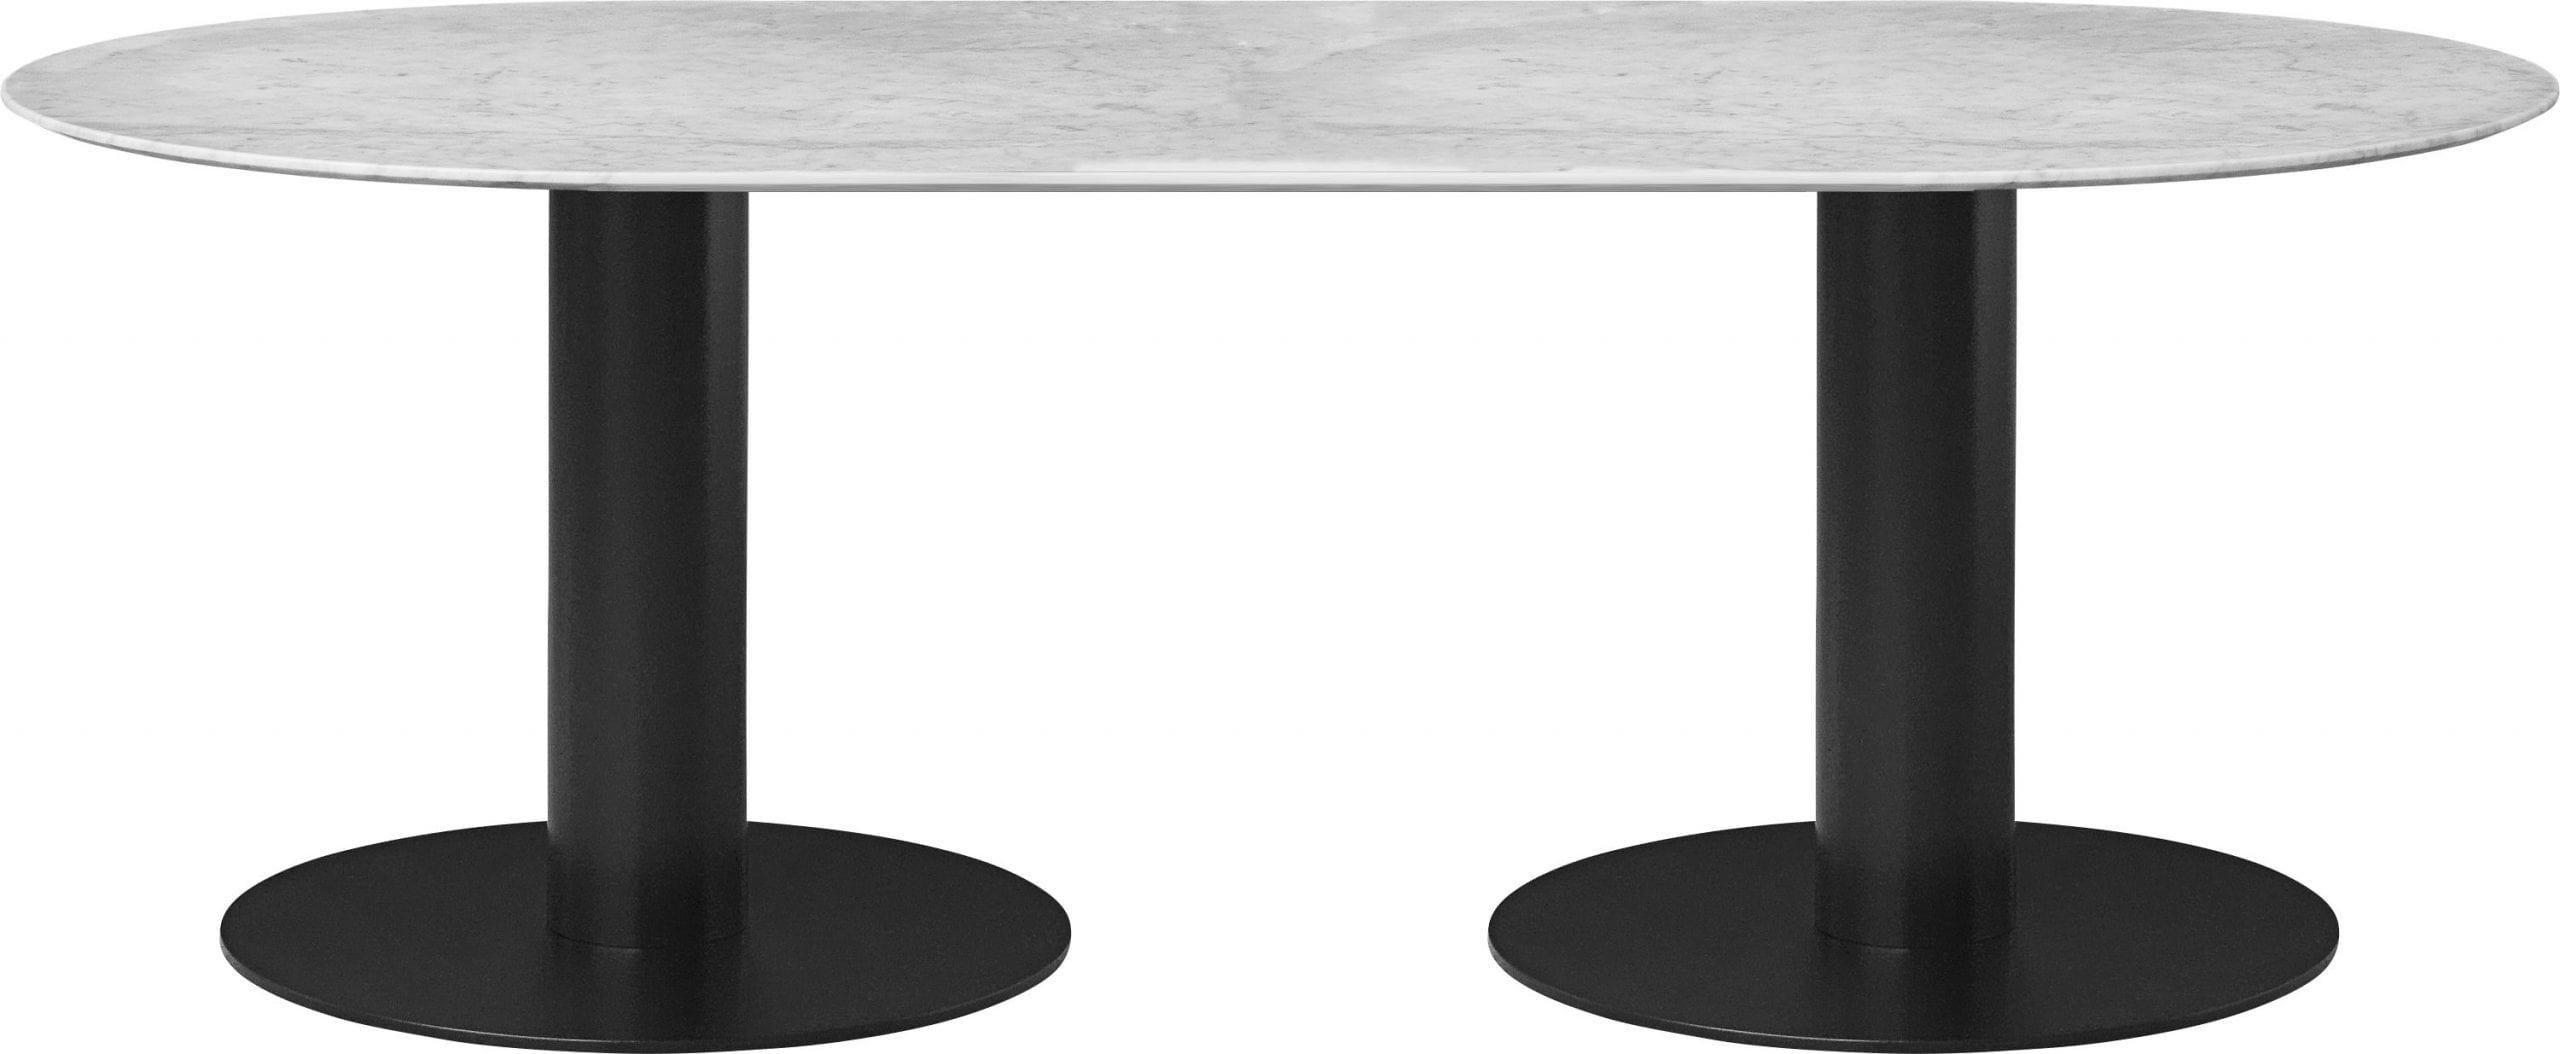 שולחן אוכל יוקרתי - לבן - GUBI